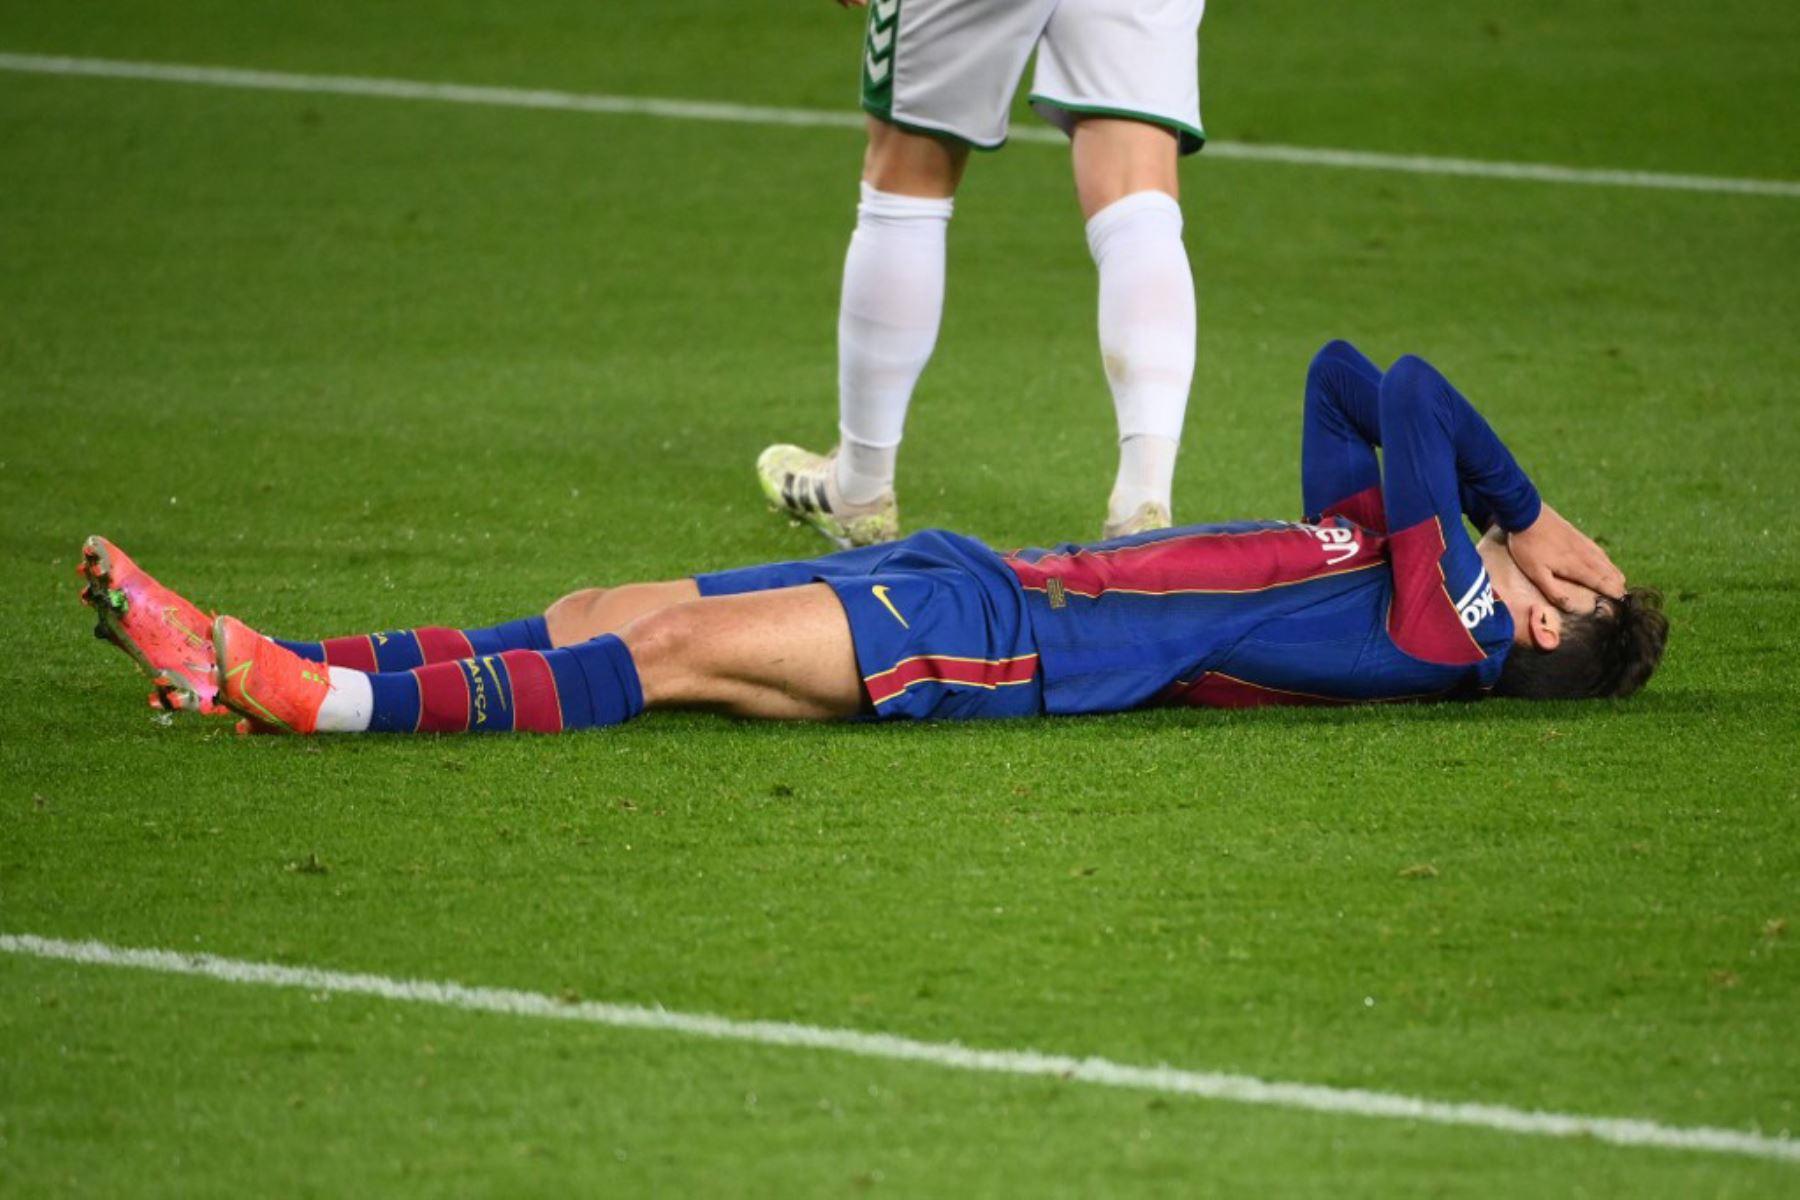 El delantero portugués del Barcelona Francisco Trincao reacciona tras perder una oportunidad de gol durante el partido de fútbol de la liga española entre el FC Barcelona y Elche CF en el estadio Camp Nou de Barcelona  Foto:AFP